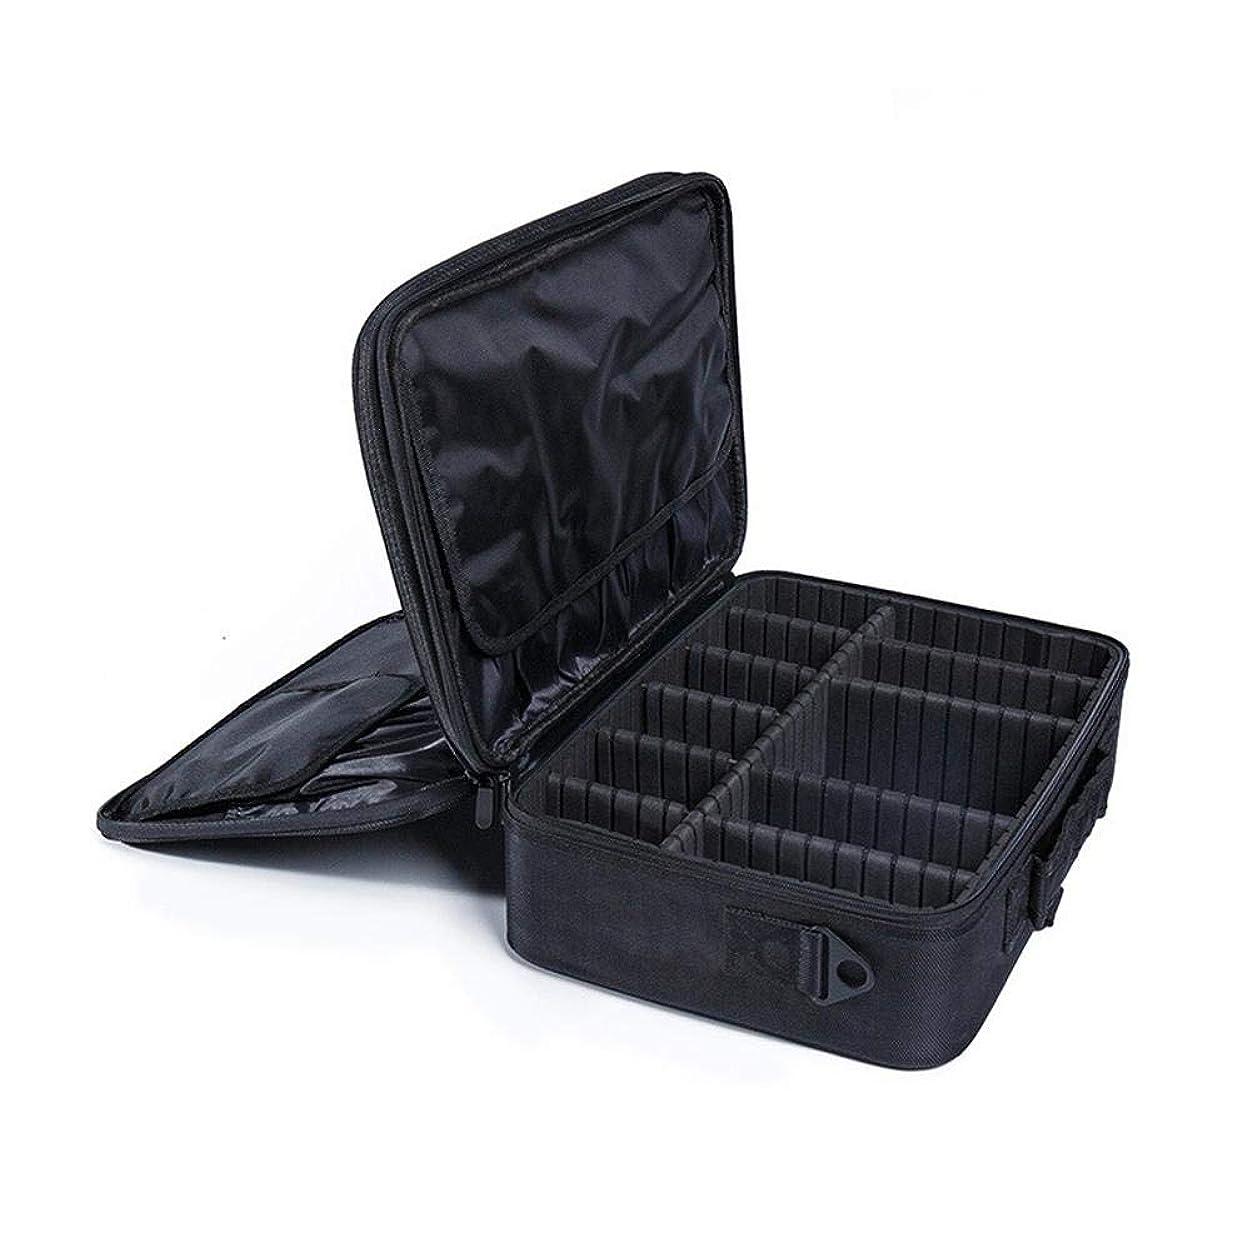 照らすファイル効果的に収納ボックス プロのタトゥーマニキュア収納ツールボックス大型化粧品ケース収納ボックスポータブルメイクトレインケースメイクアップバッグオーガナイザー 高容量、優れたシール性、自由な組み合わせ、耐摩耗性、内部レイアウトの調整、高級オックスフォードクロス素材